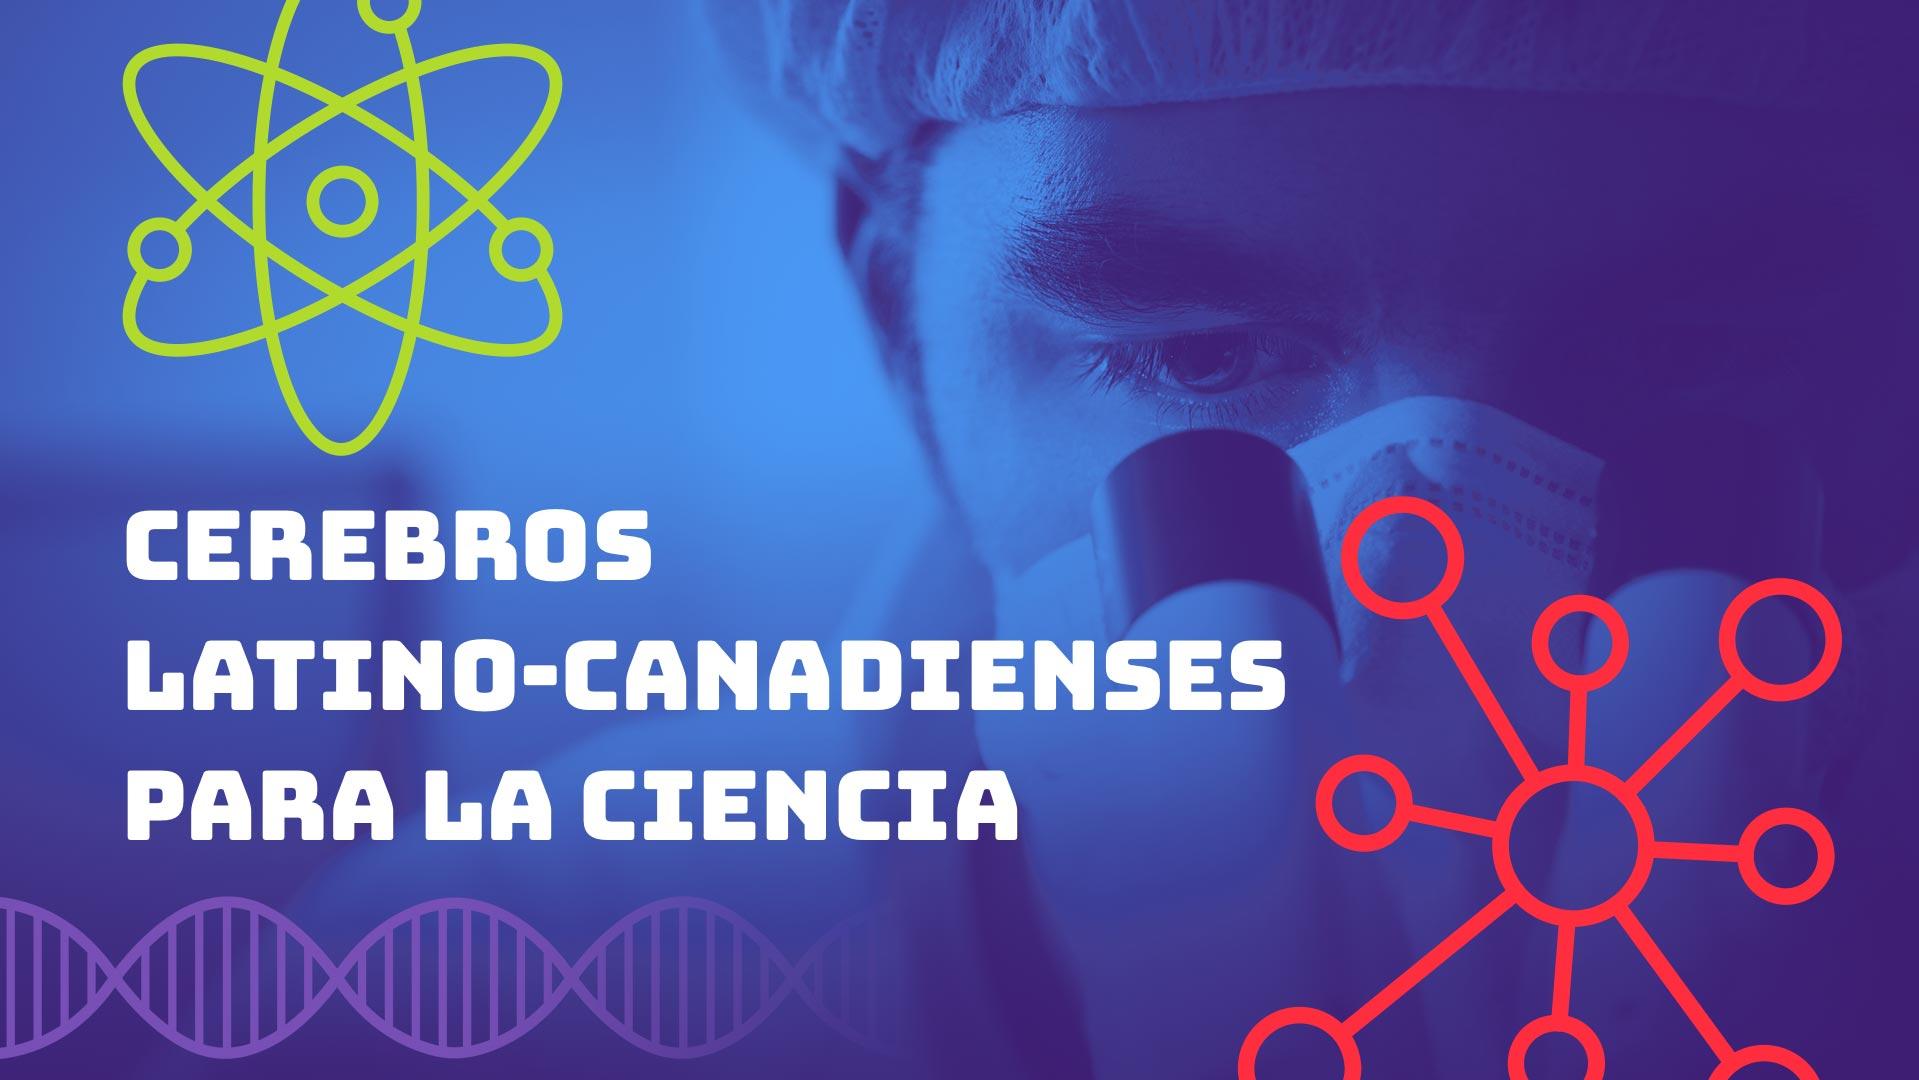 """النص """"Cerebros latino-Canadienses para la ciencia"""" باللون الأبيض مصحوبًا برموز علمية مختلفة مع خلفية صورة الباحث"""